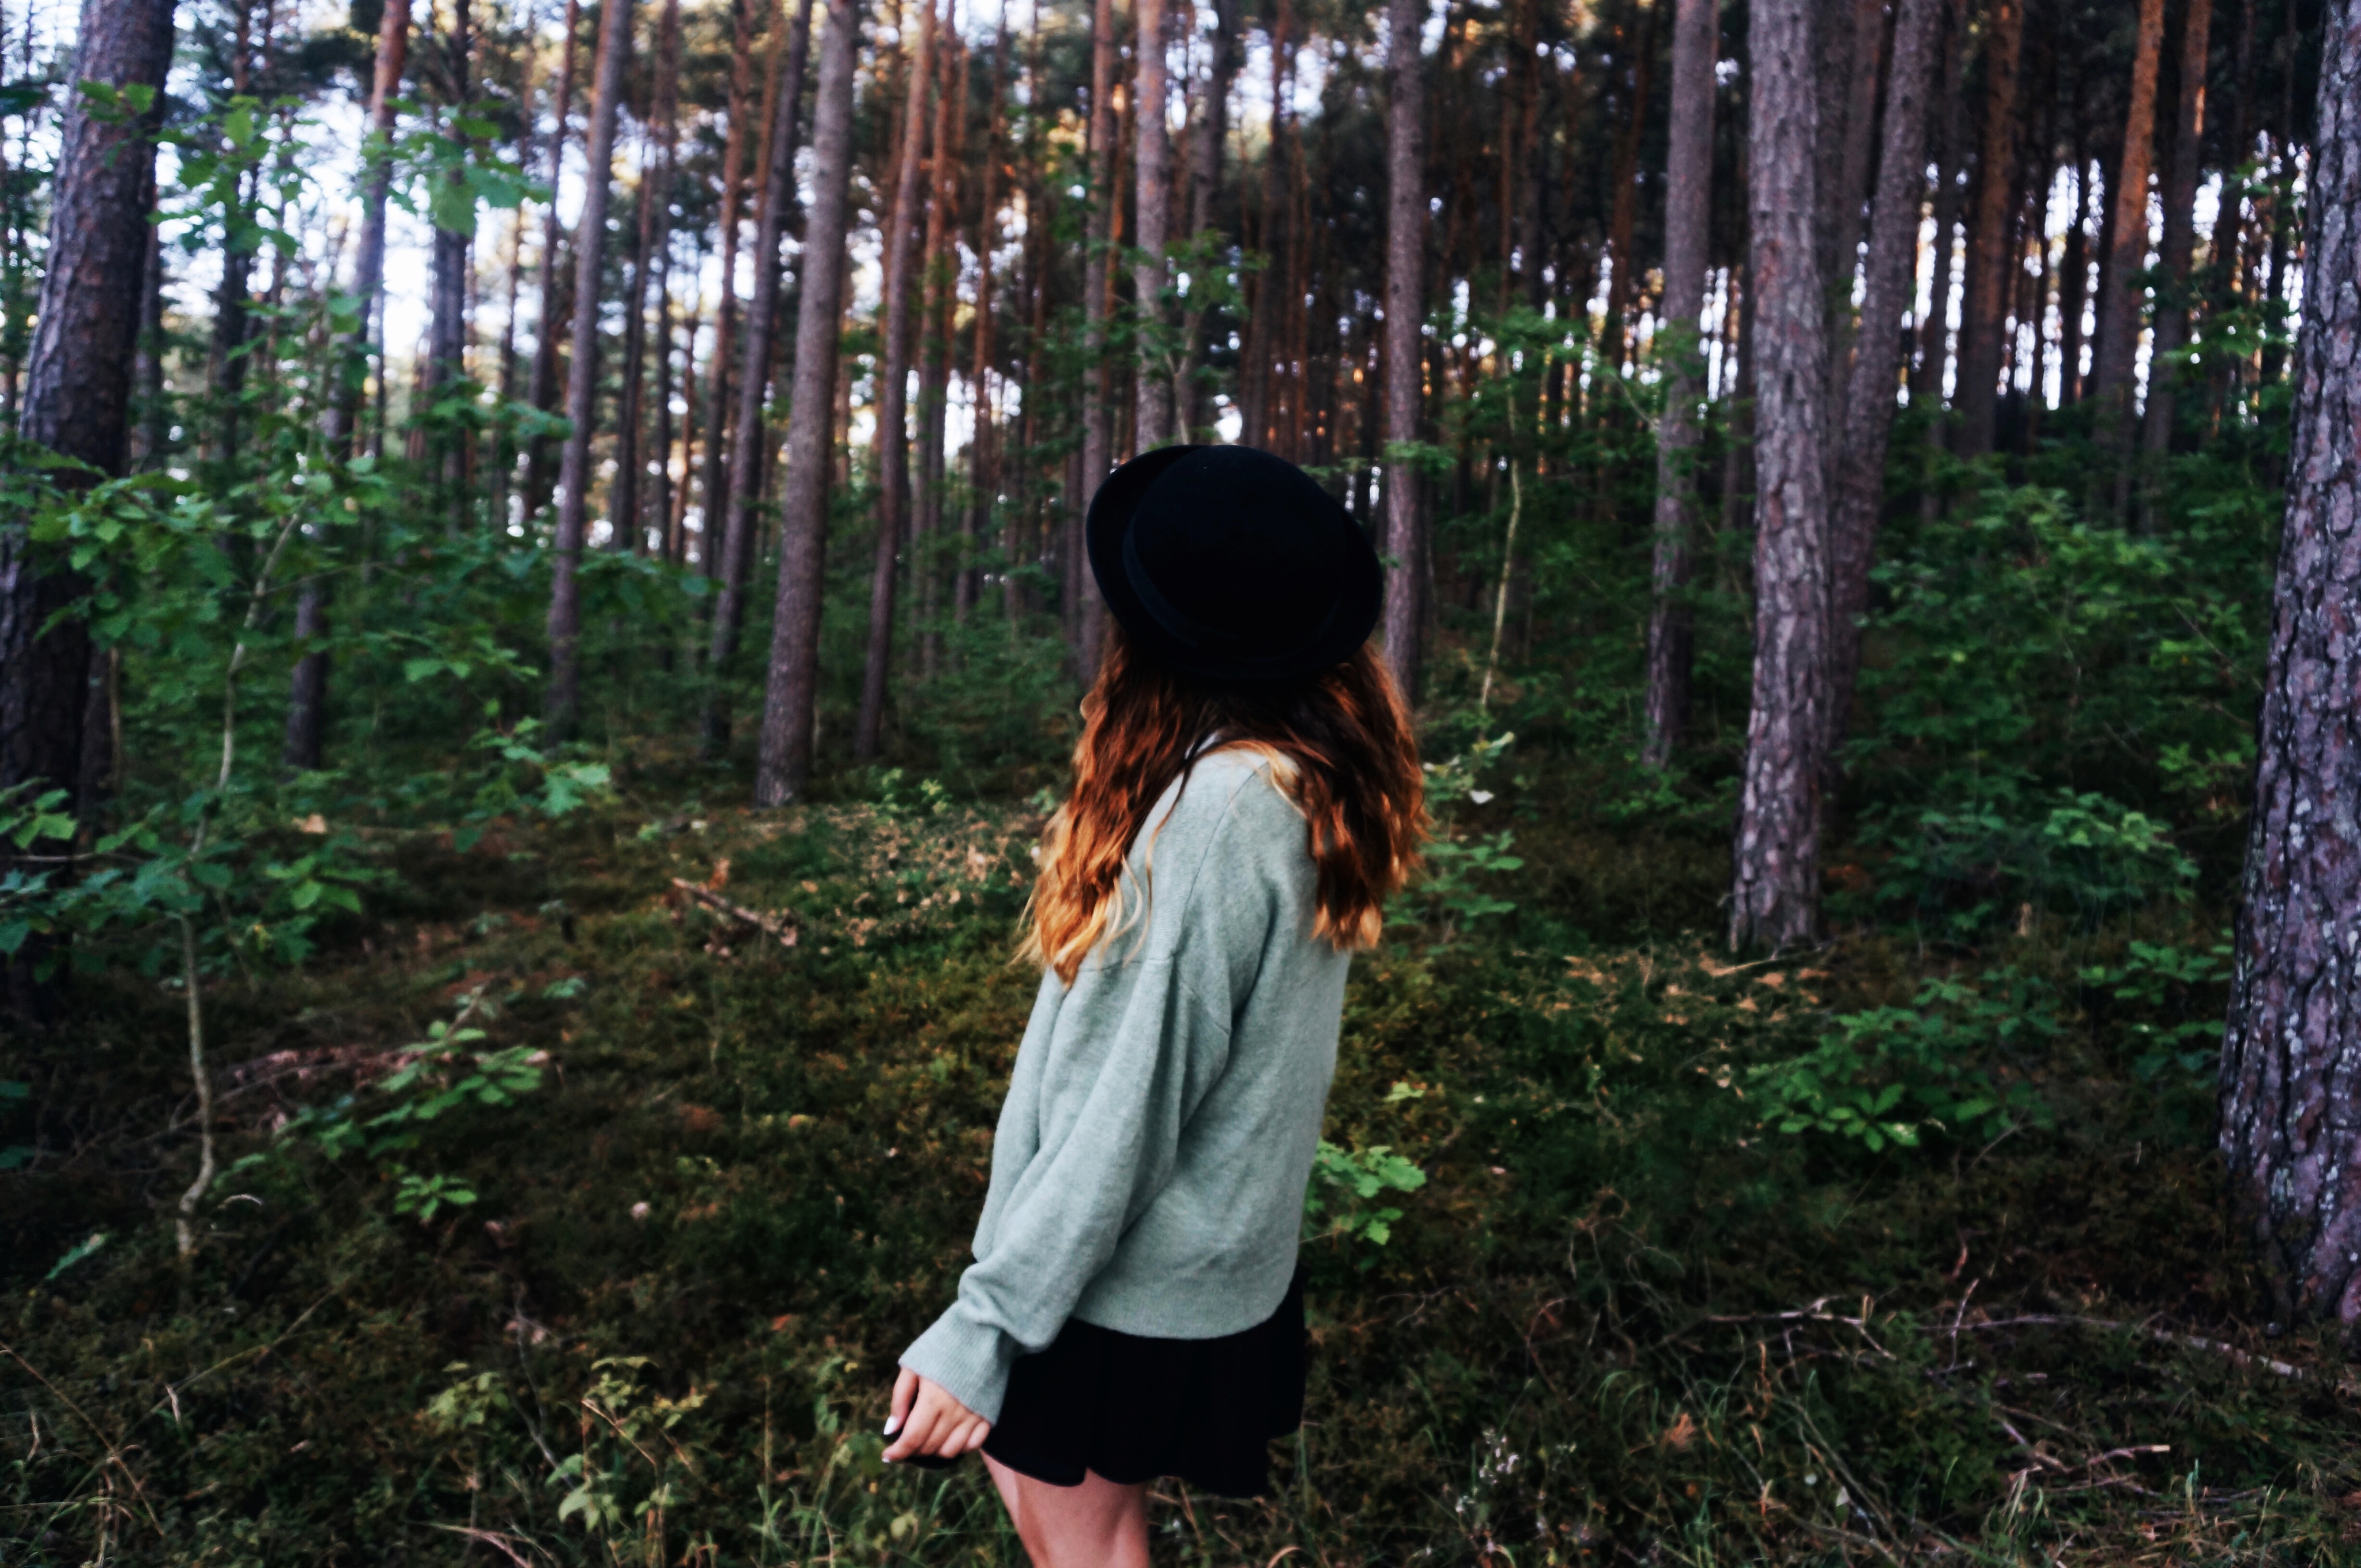 Wald, forest, Wanderlust, Instagrammer